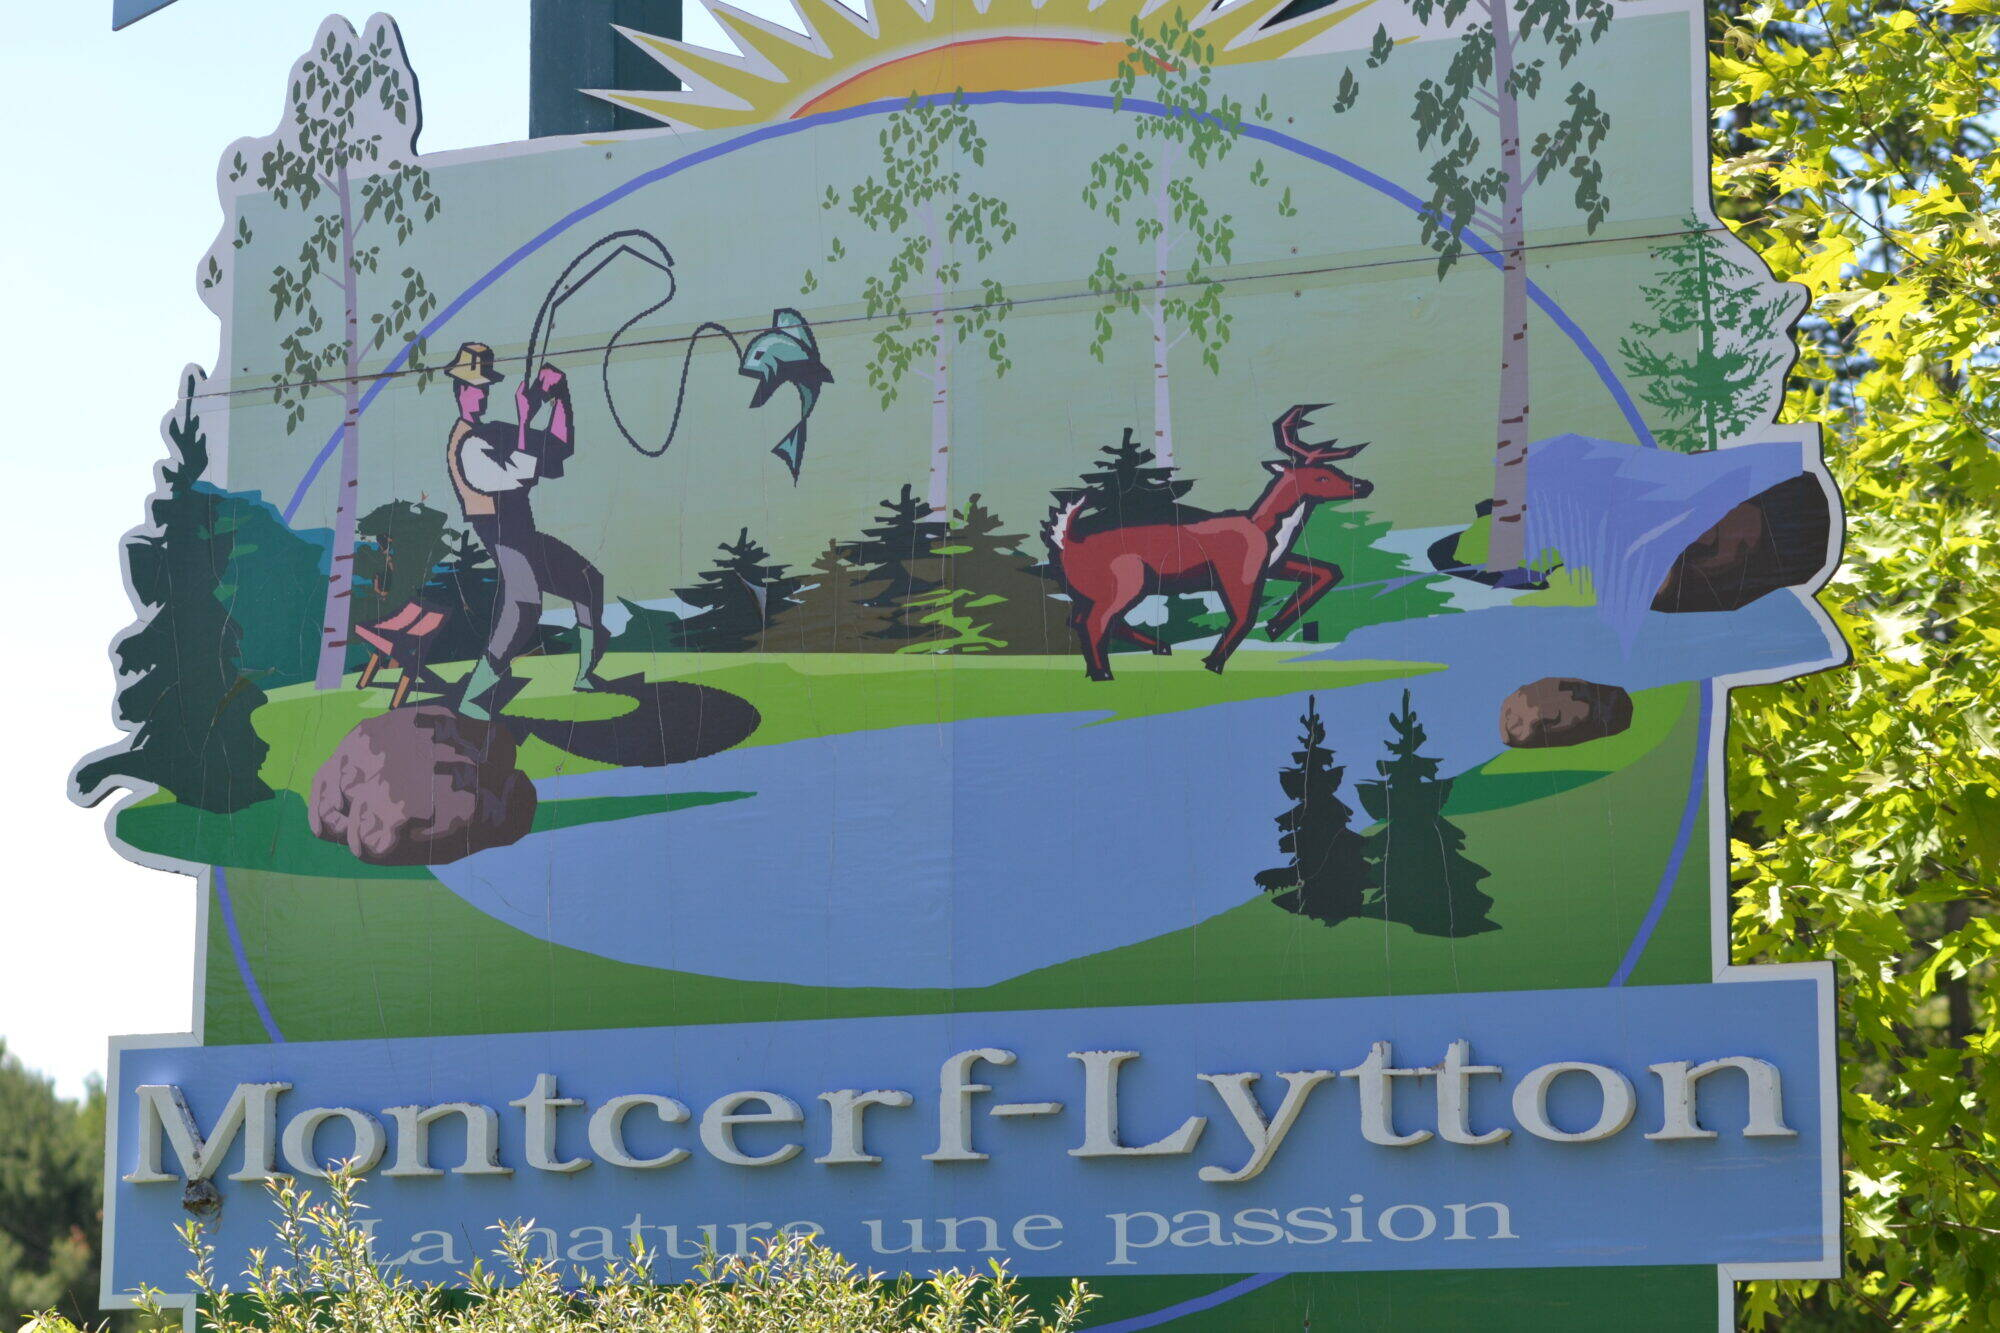 Affiche Montcerf-Lytton - 1